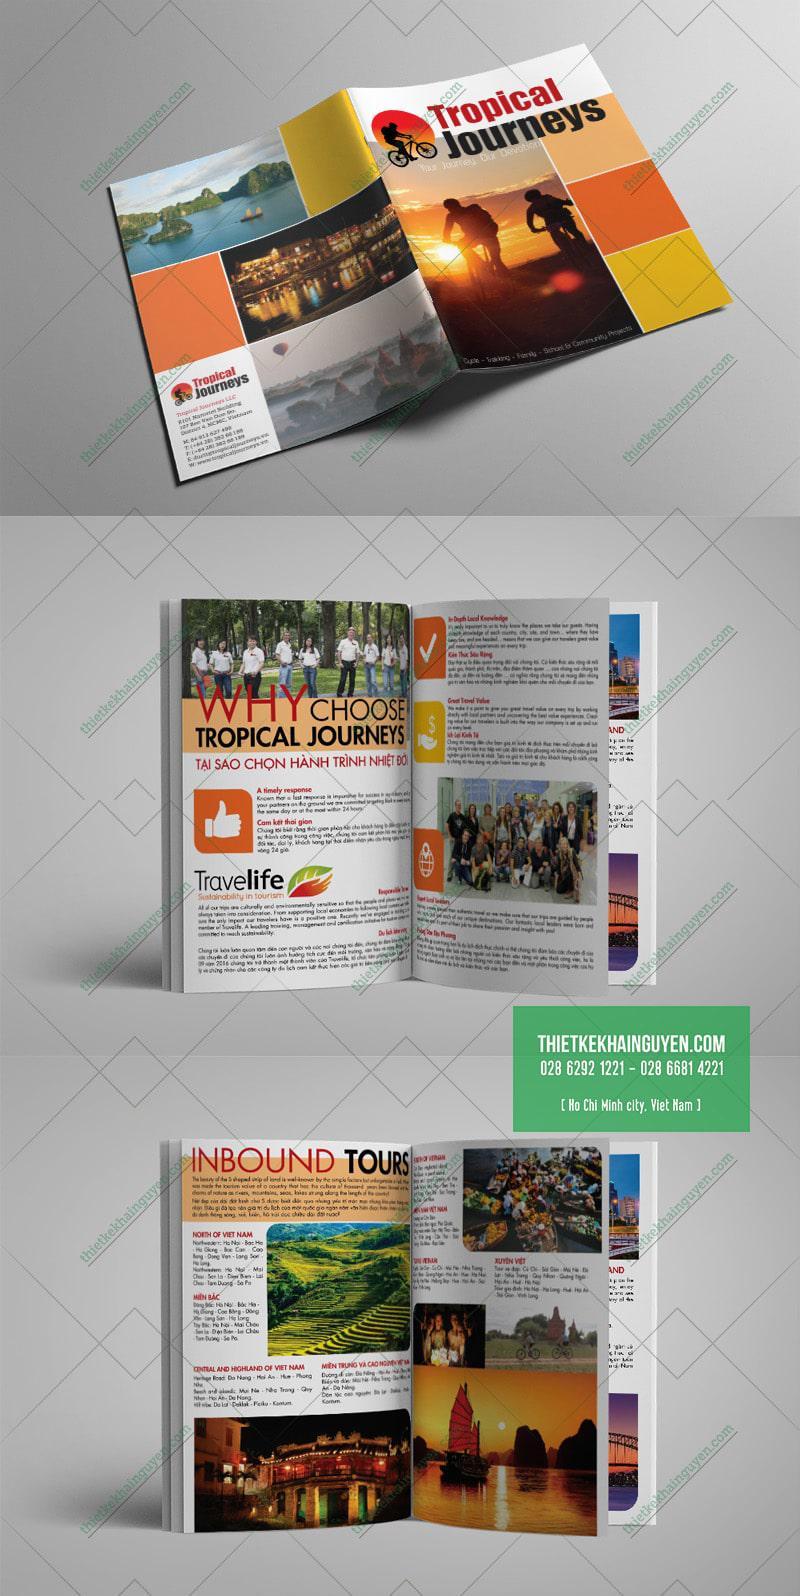 Thiết kế brochure dạng cuốn cho công ty du lịch - TropicalJouneys